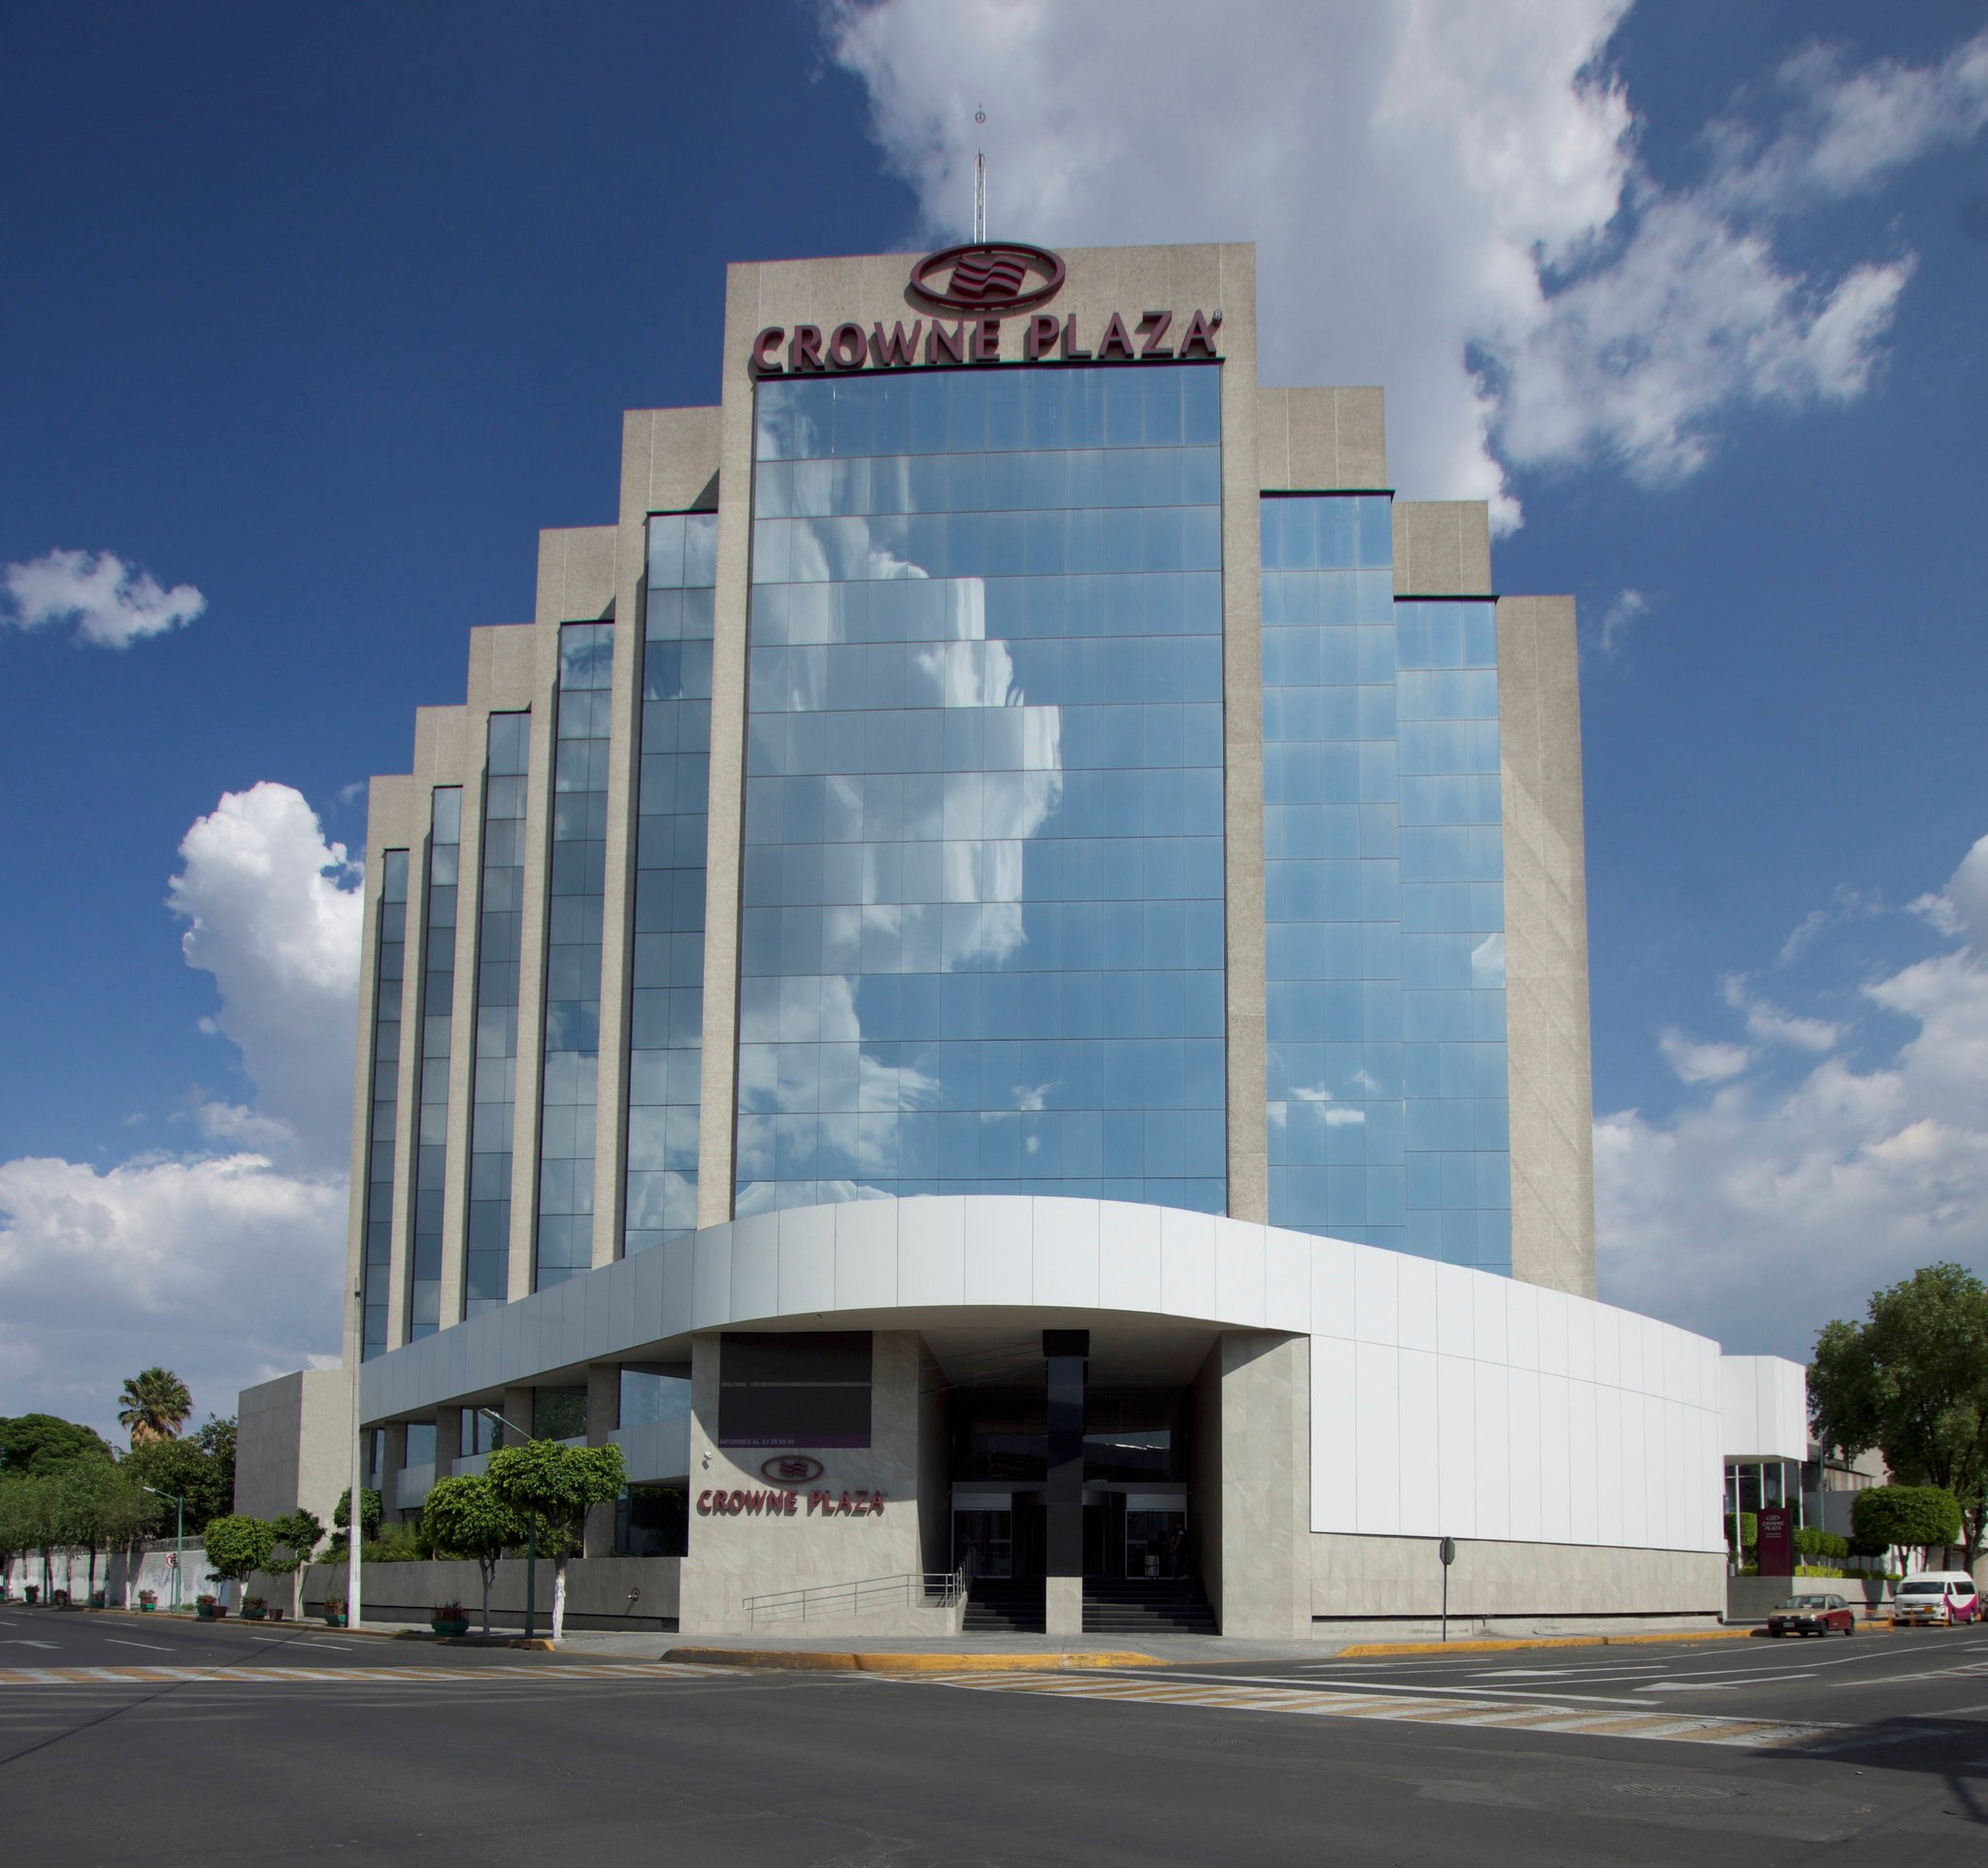 Crowne Plaza Mexico City North-Tlalnepantla